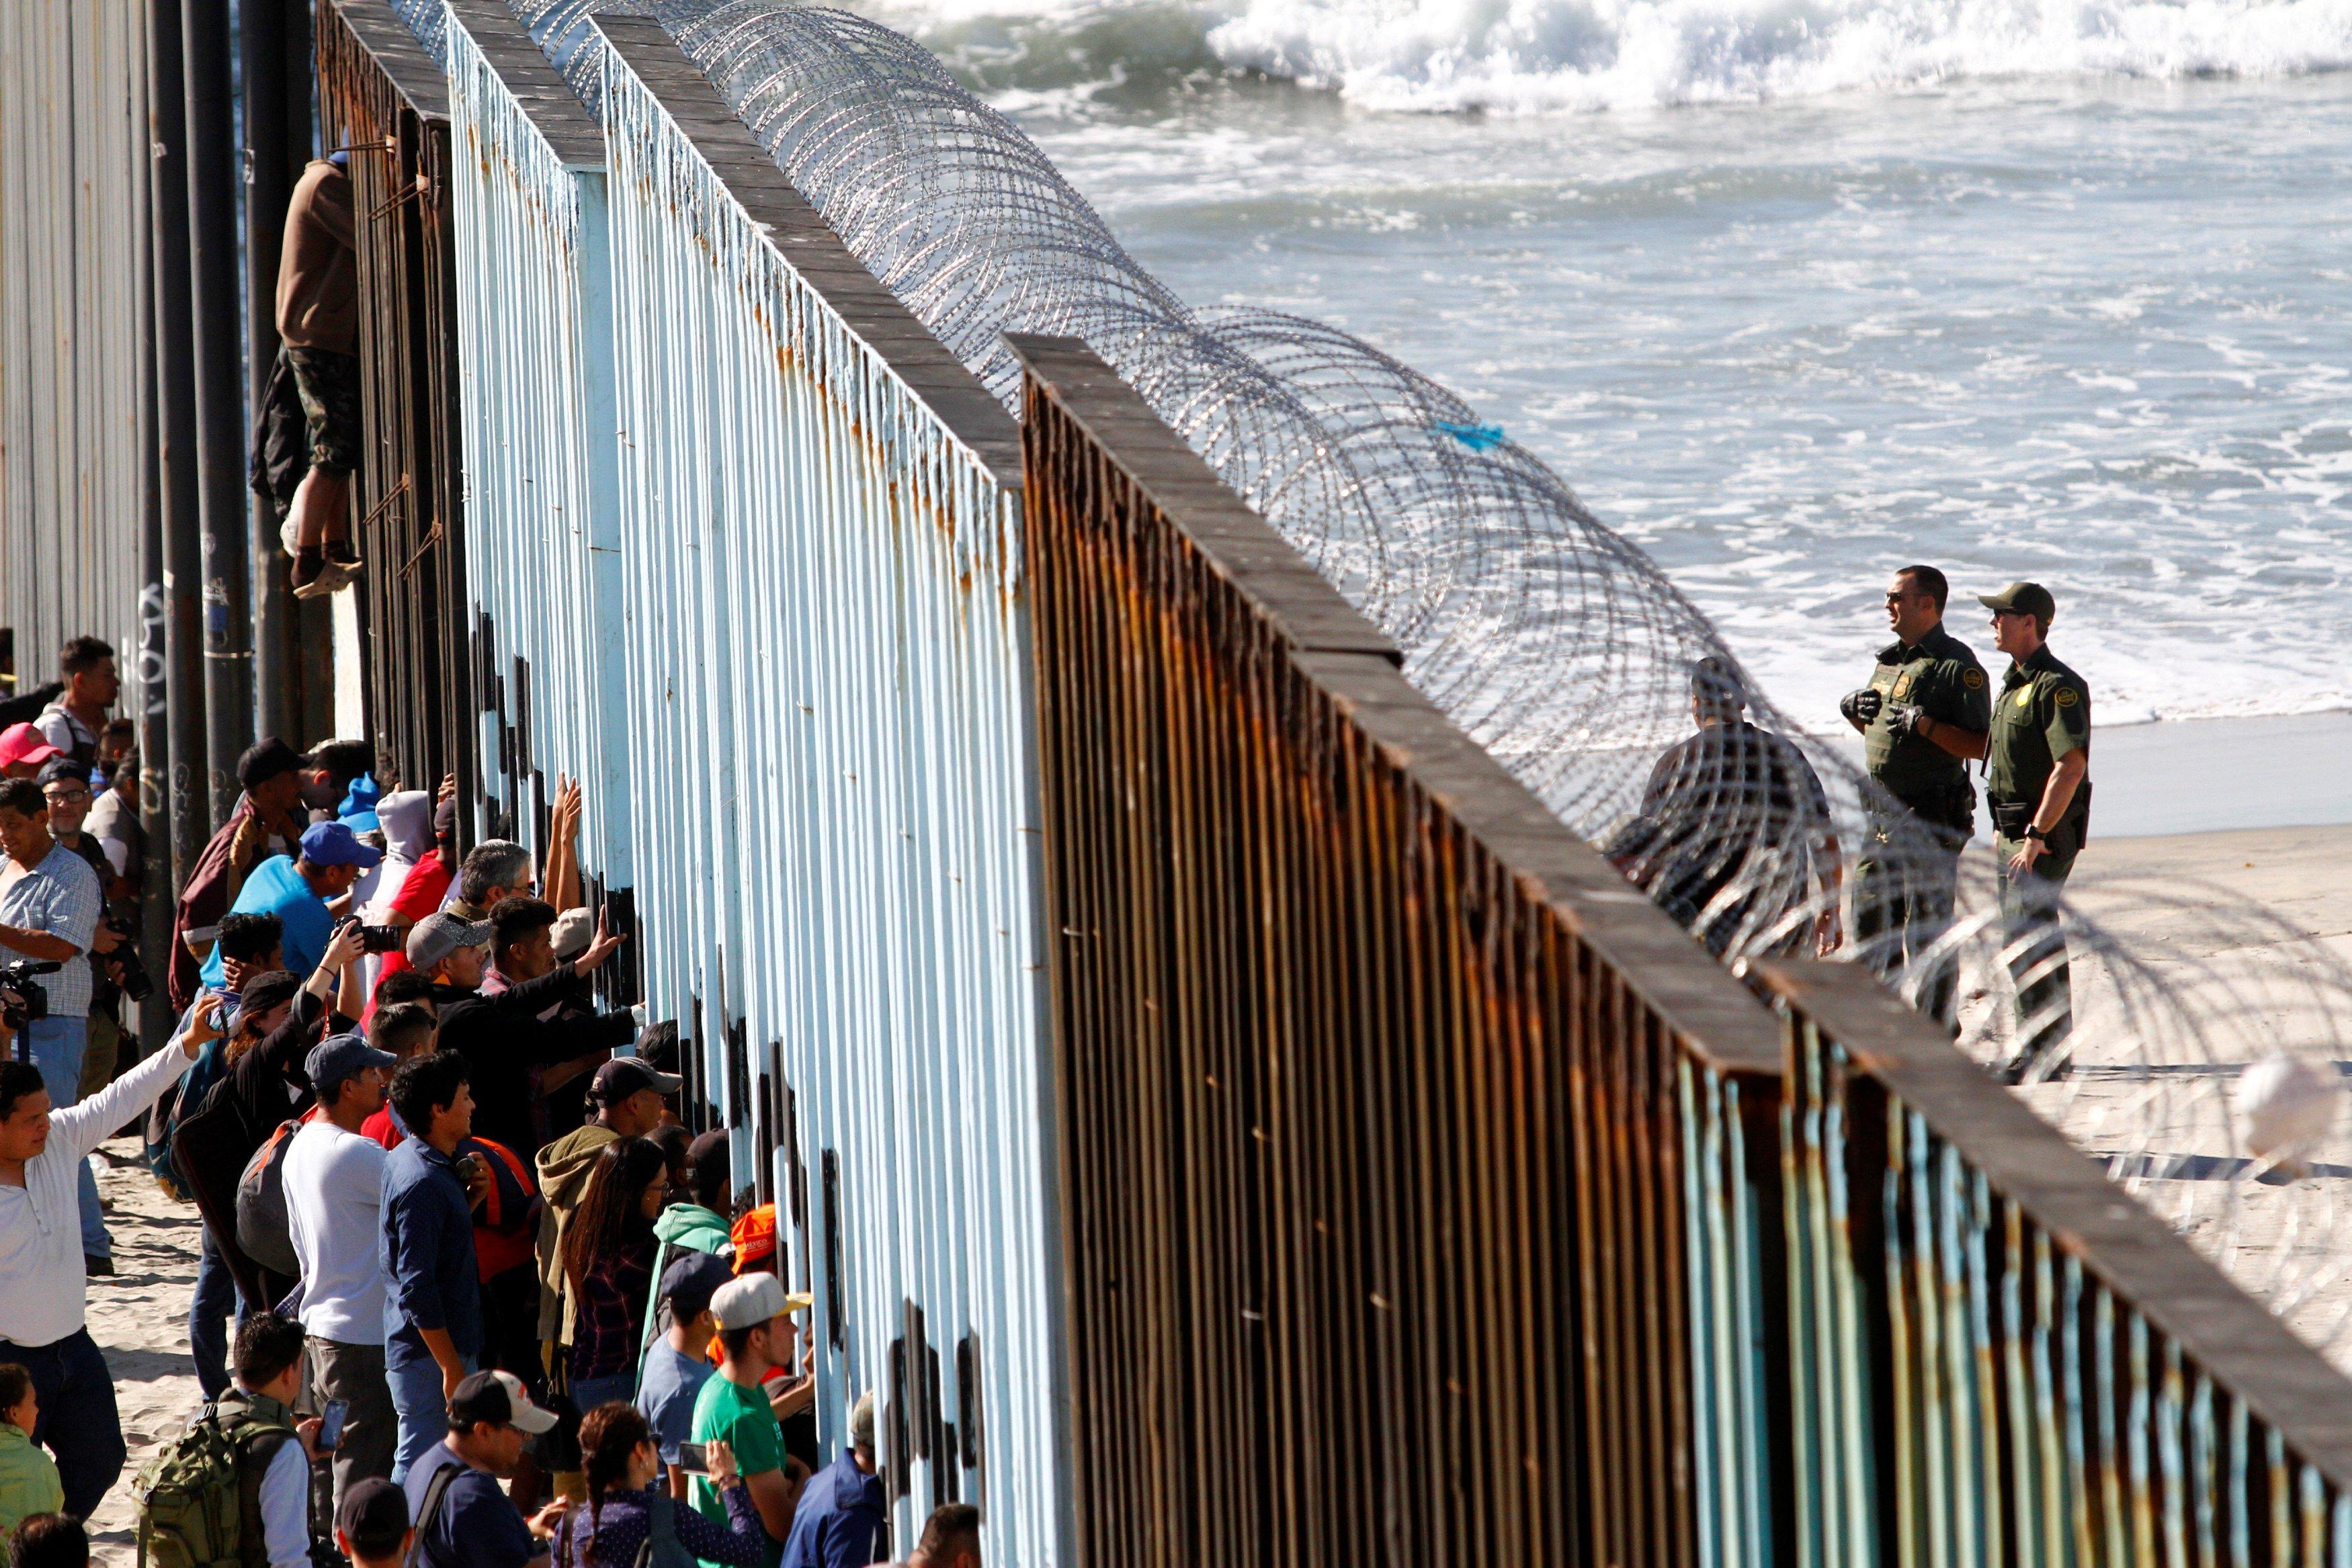 البيت الأبيض: الإدارة الأمريكية تعتزم إعادة معظم المهاجرين بعد القبض عليهم للمكسيك